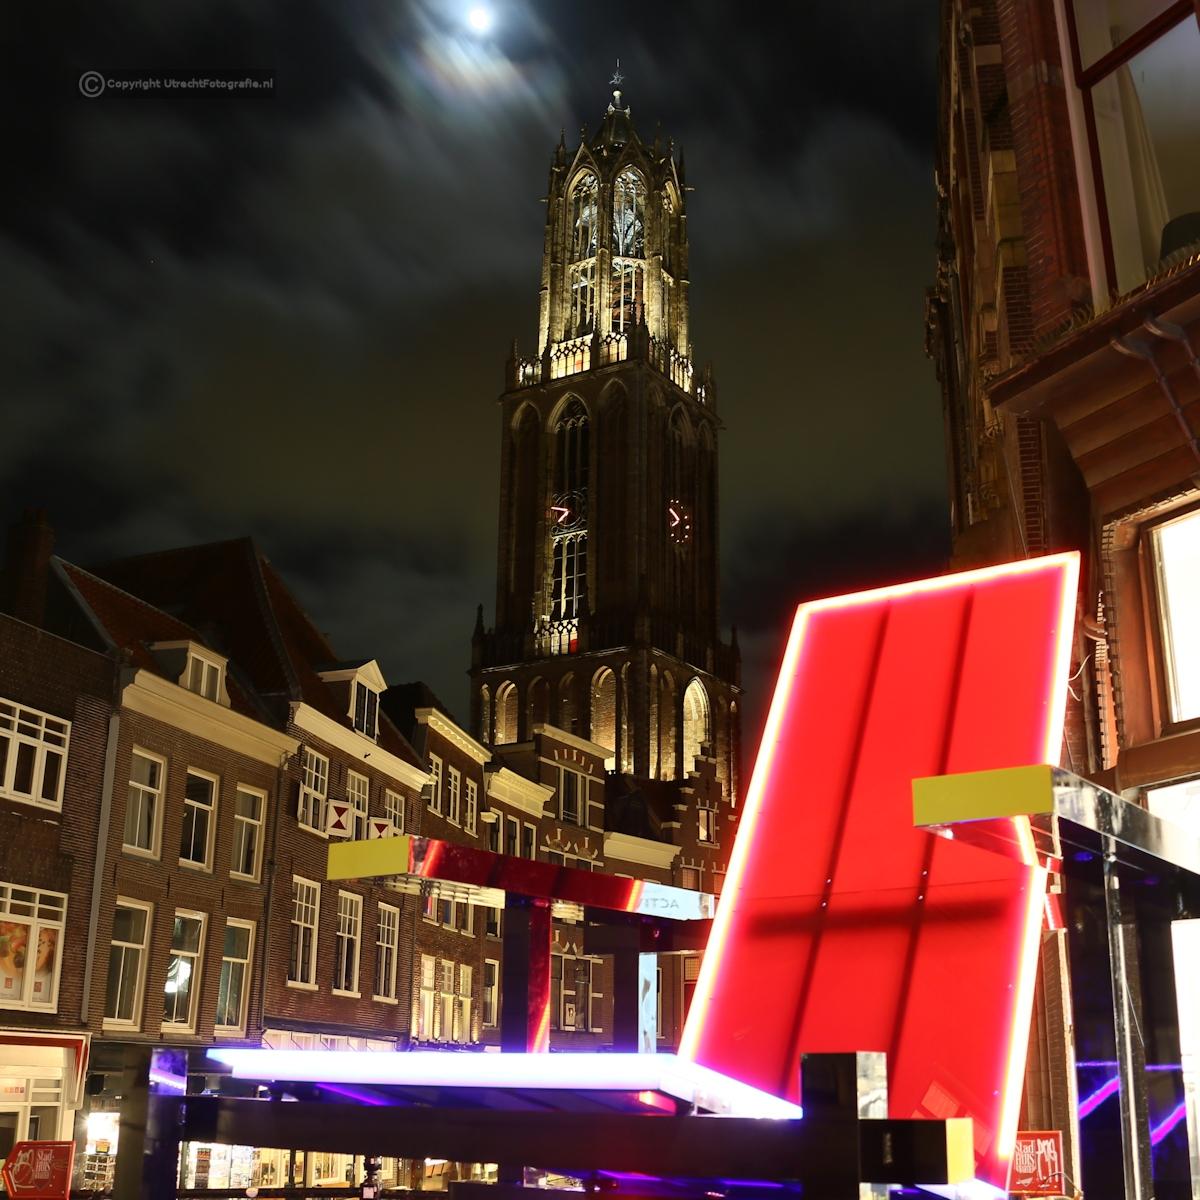 20170309 Stadhuis Rietveld 3